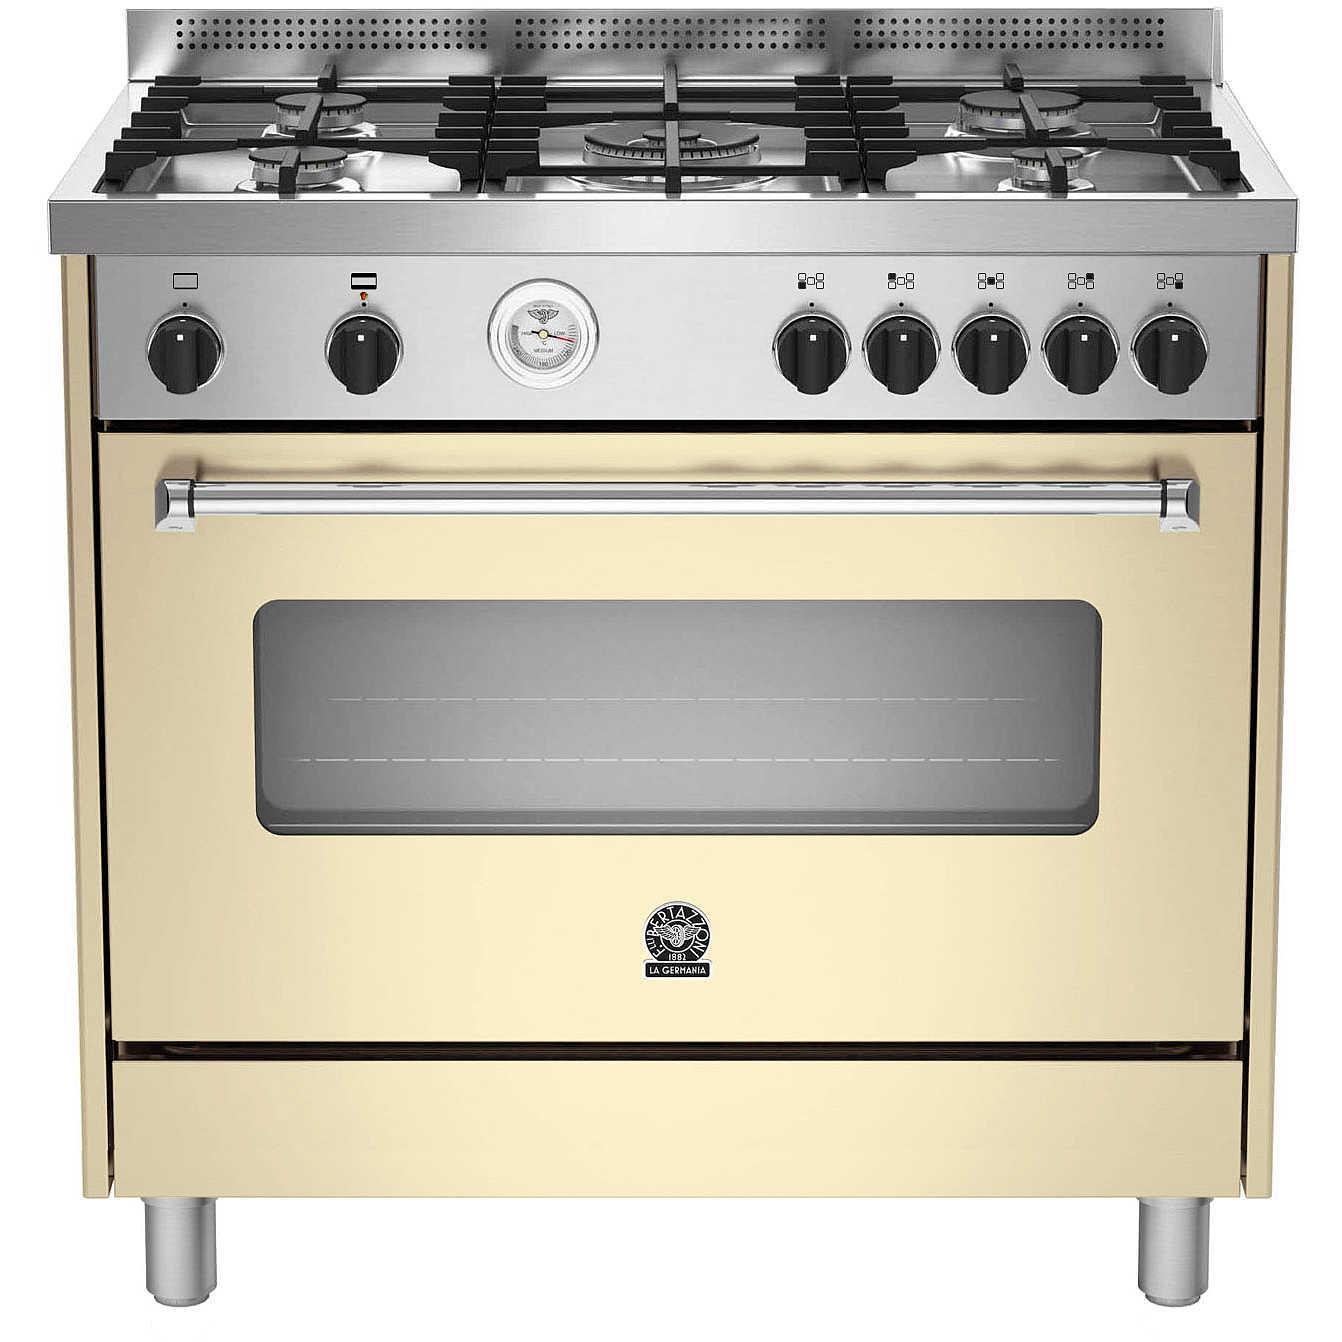 La germania amn905gevscrt cucina 90x60 5 fuochi a gas forno a gas ventilato con grill elettrico - Cucina con forno ventilato ...